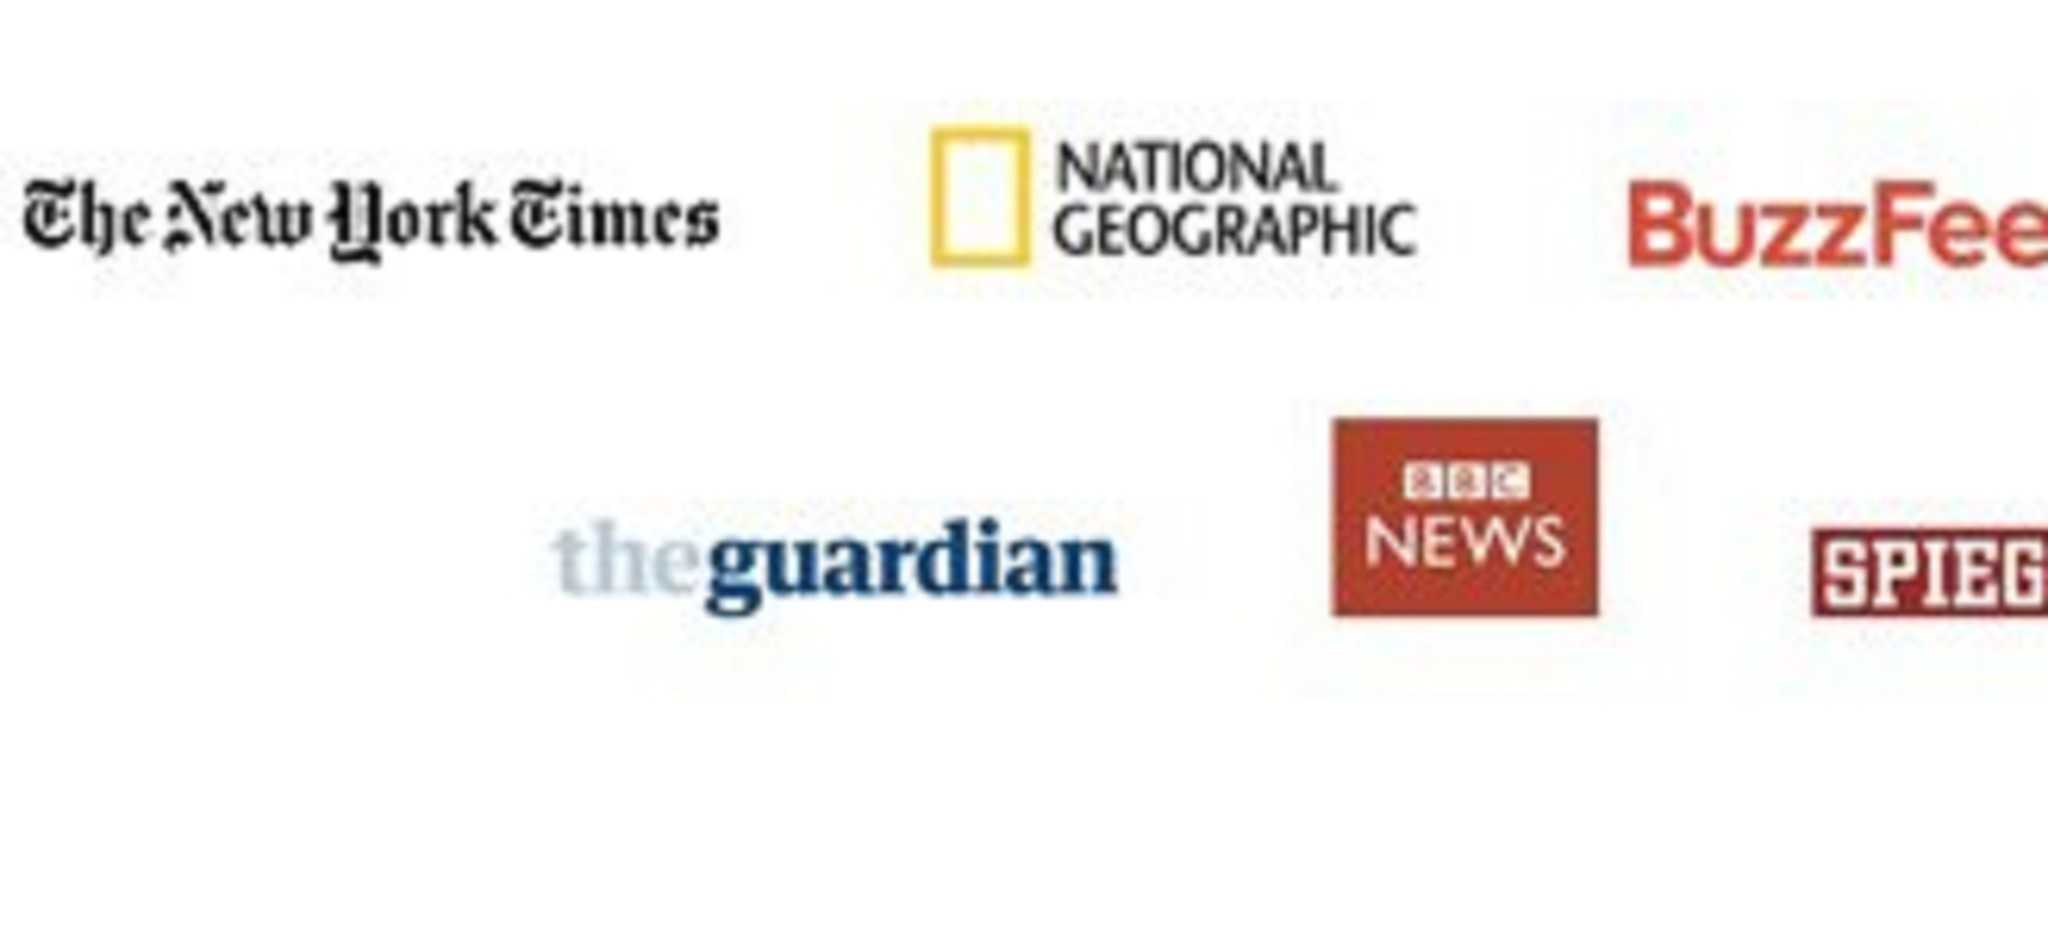 臉書「即時文章」登場,主打速度、 高互動、新聞品牌認同